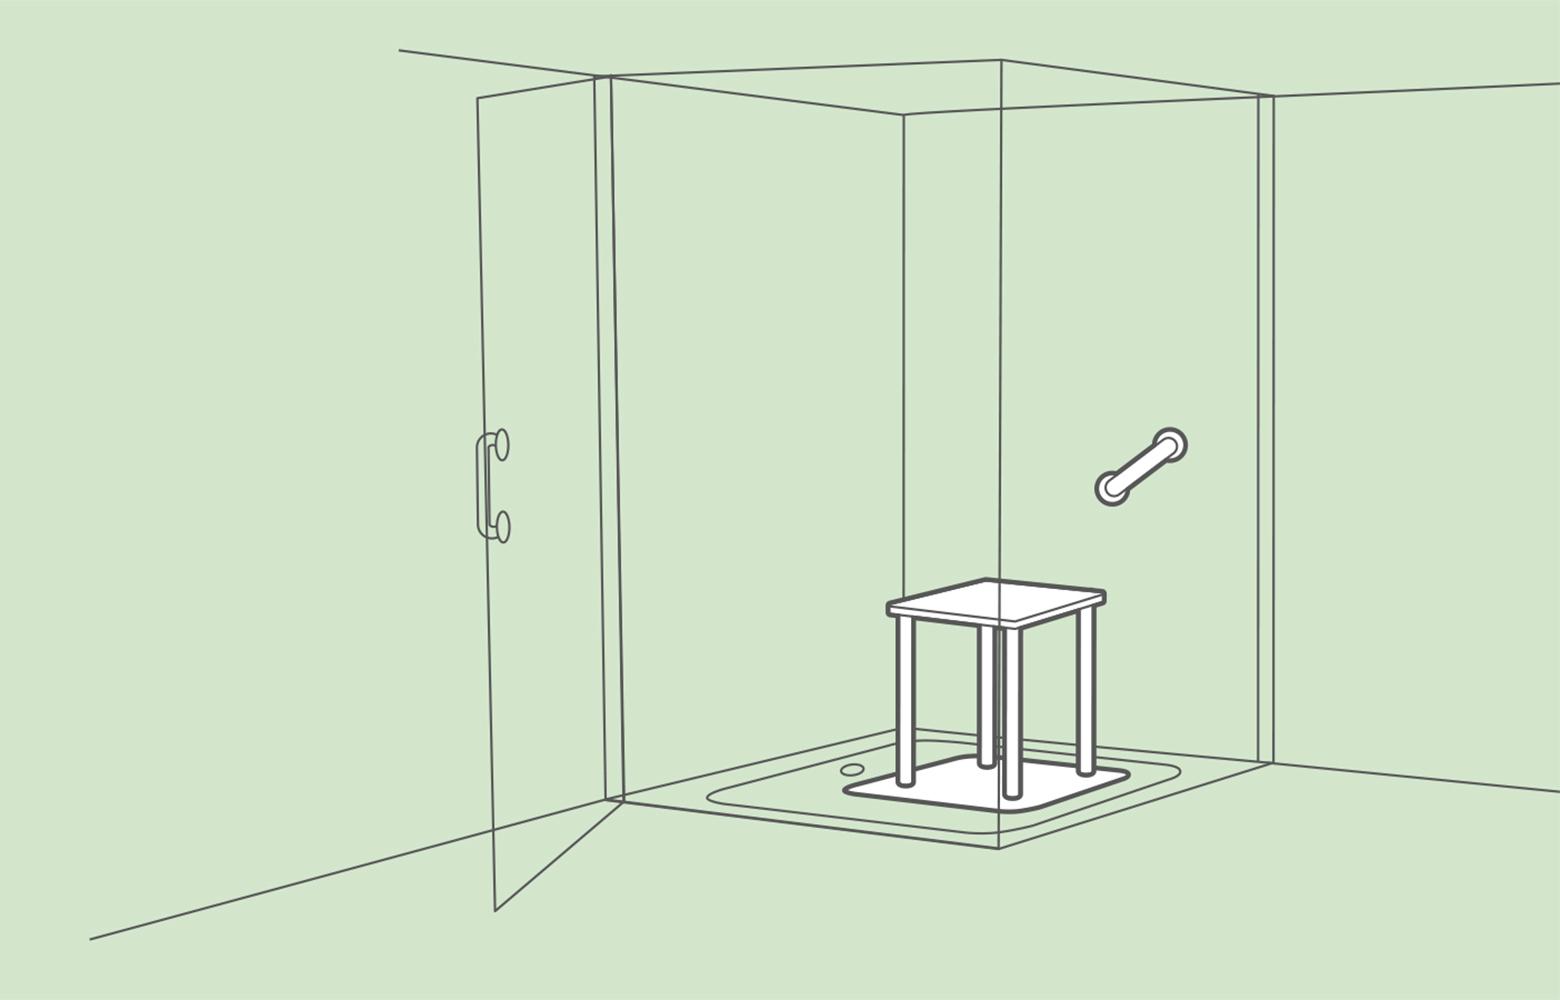 Full Size of Nischentür Dusche Grohe Begehbare Duschen Moderne Glastrennwand Kaufen Bodengleich Behindertengerechtes Bad Fliesen Siphon Abfluss Glaswand Sprinz Haltegriff Dusche Behindertengerechte Dusche